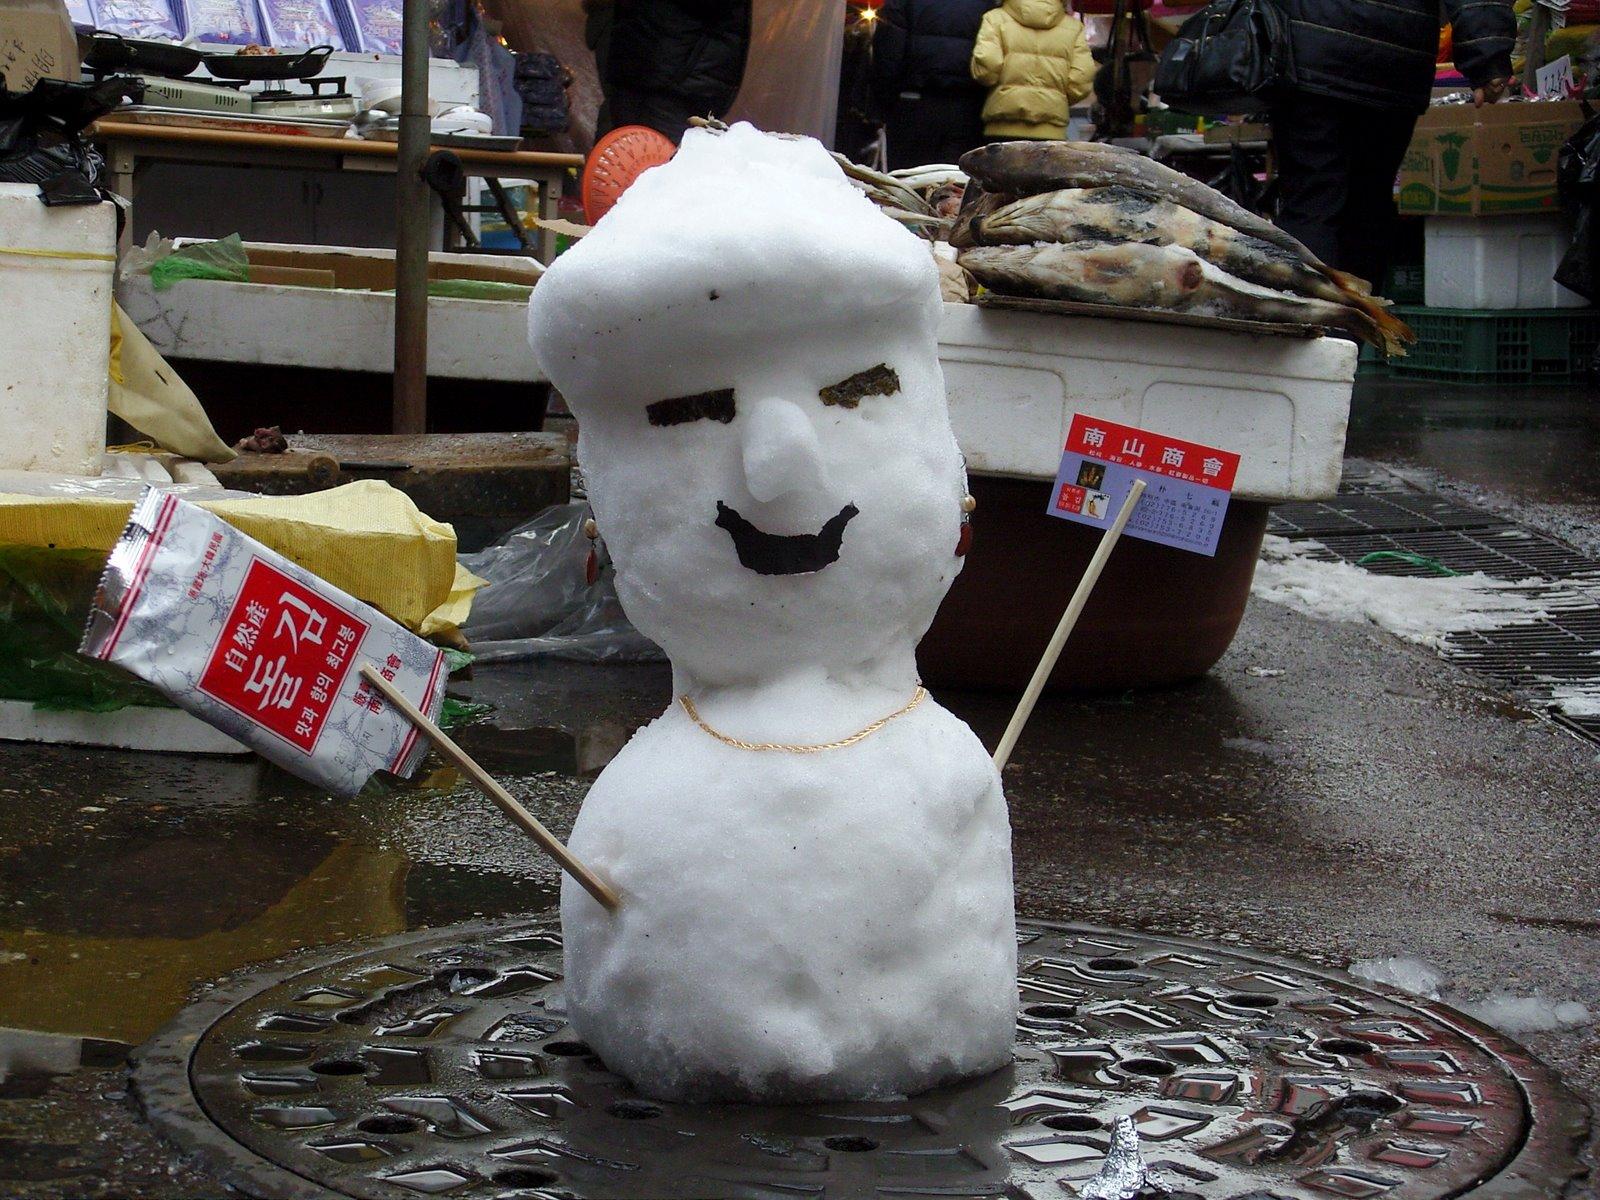 [snowpimp]